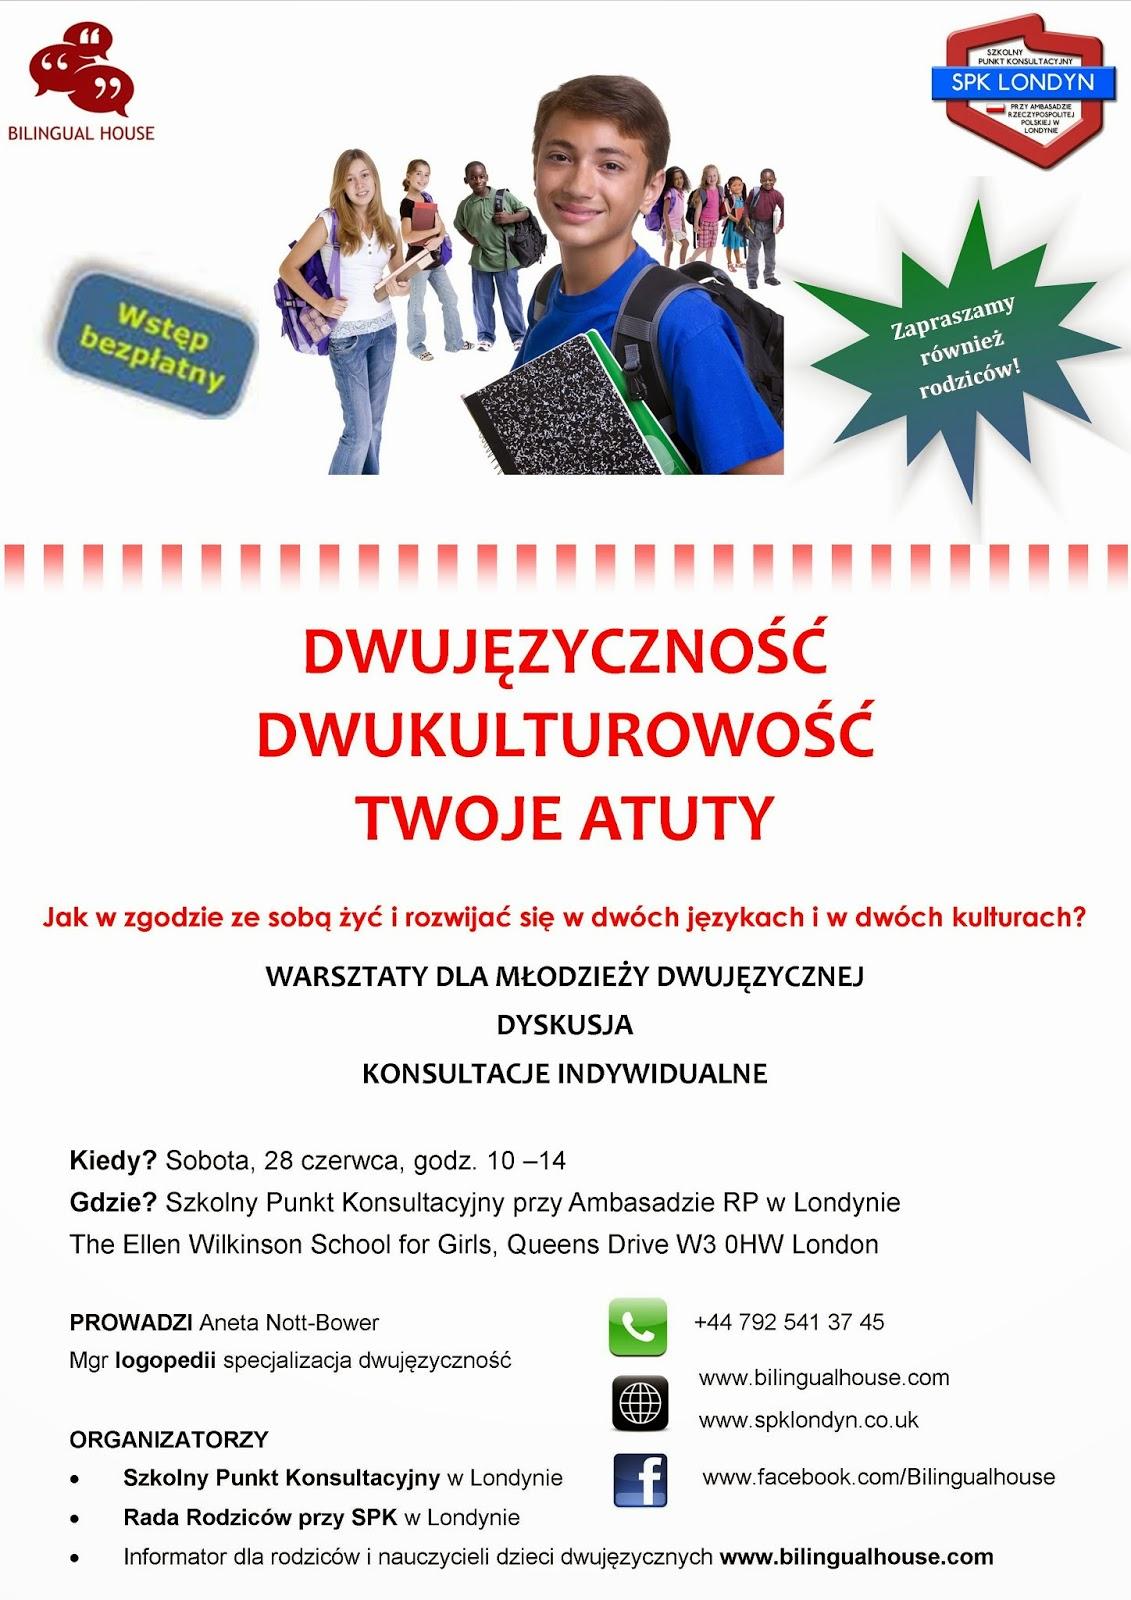 Warsztaty dla młodzieży dwujęzycznej